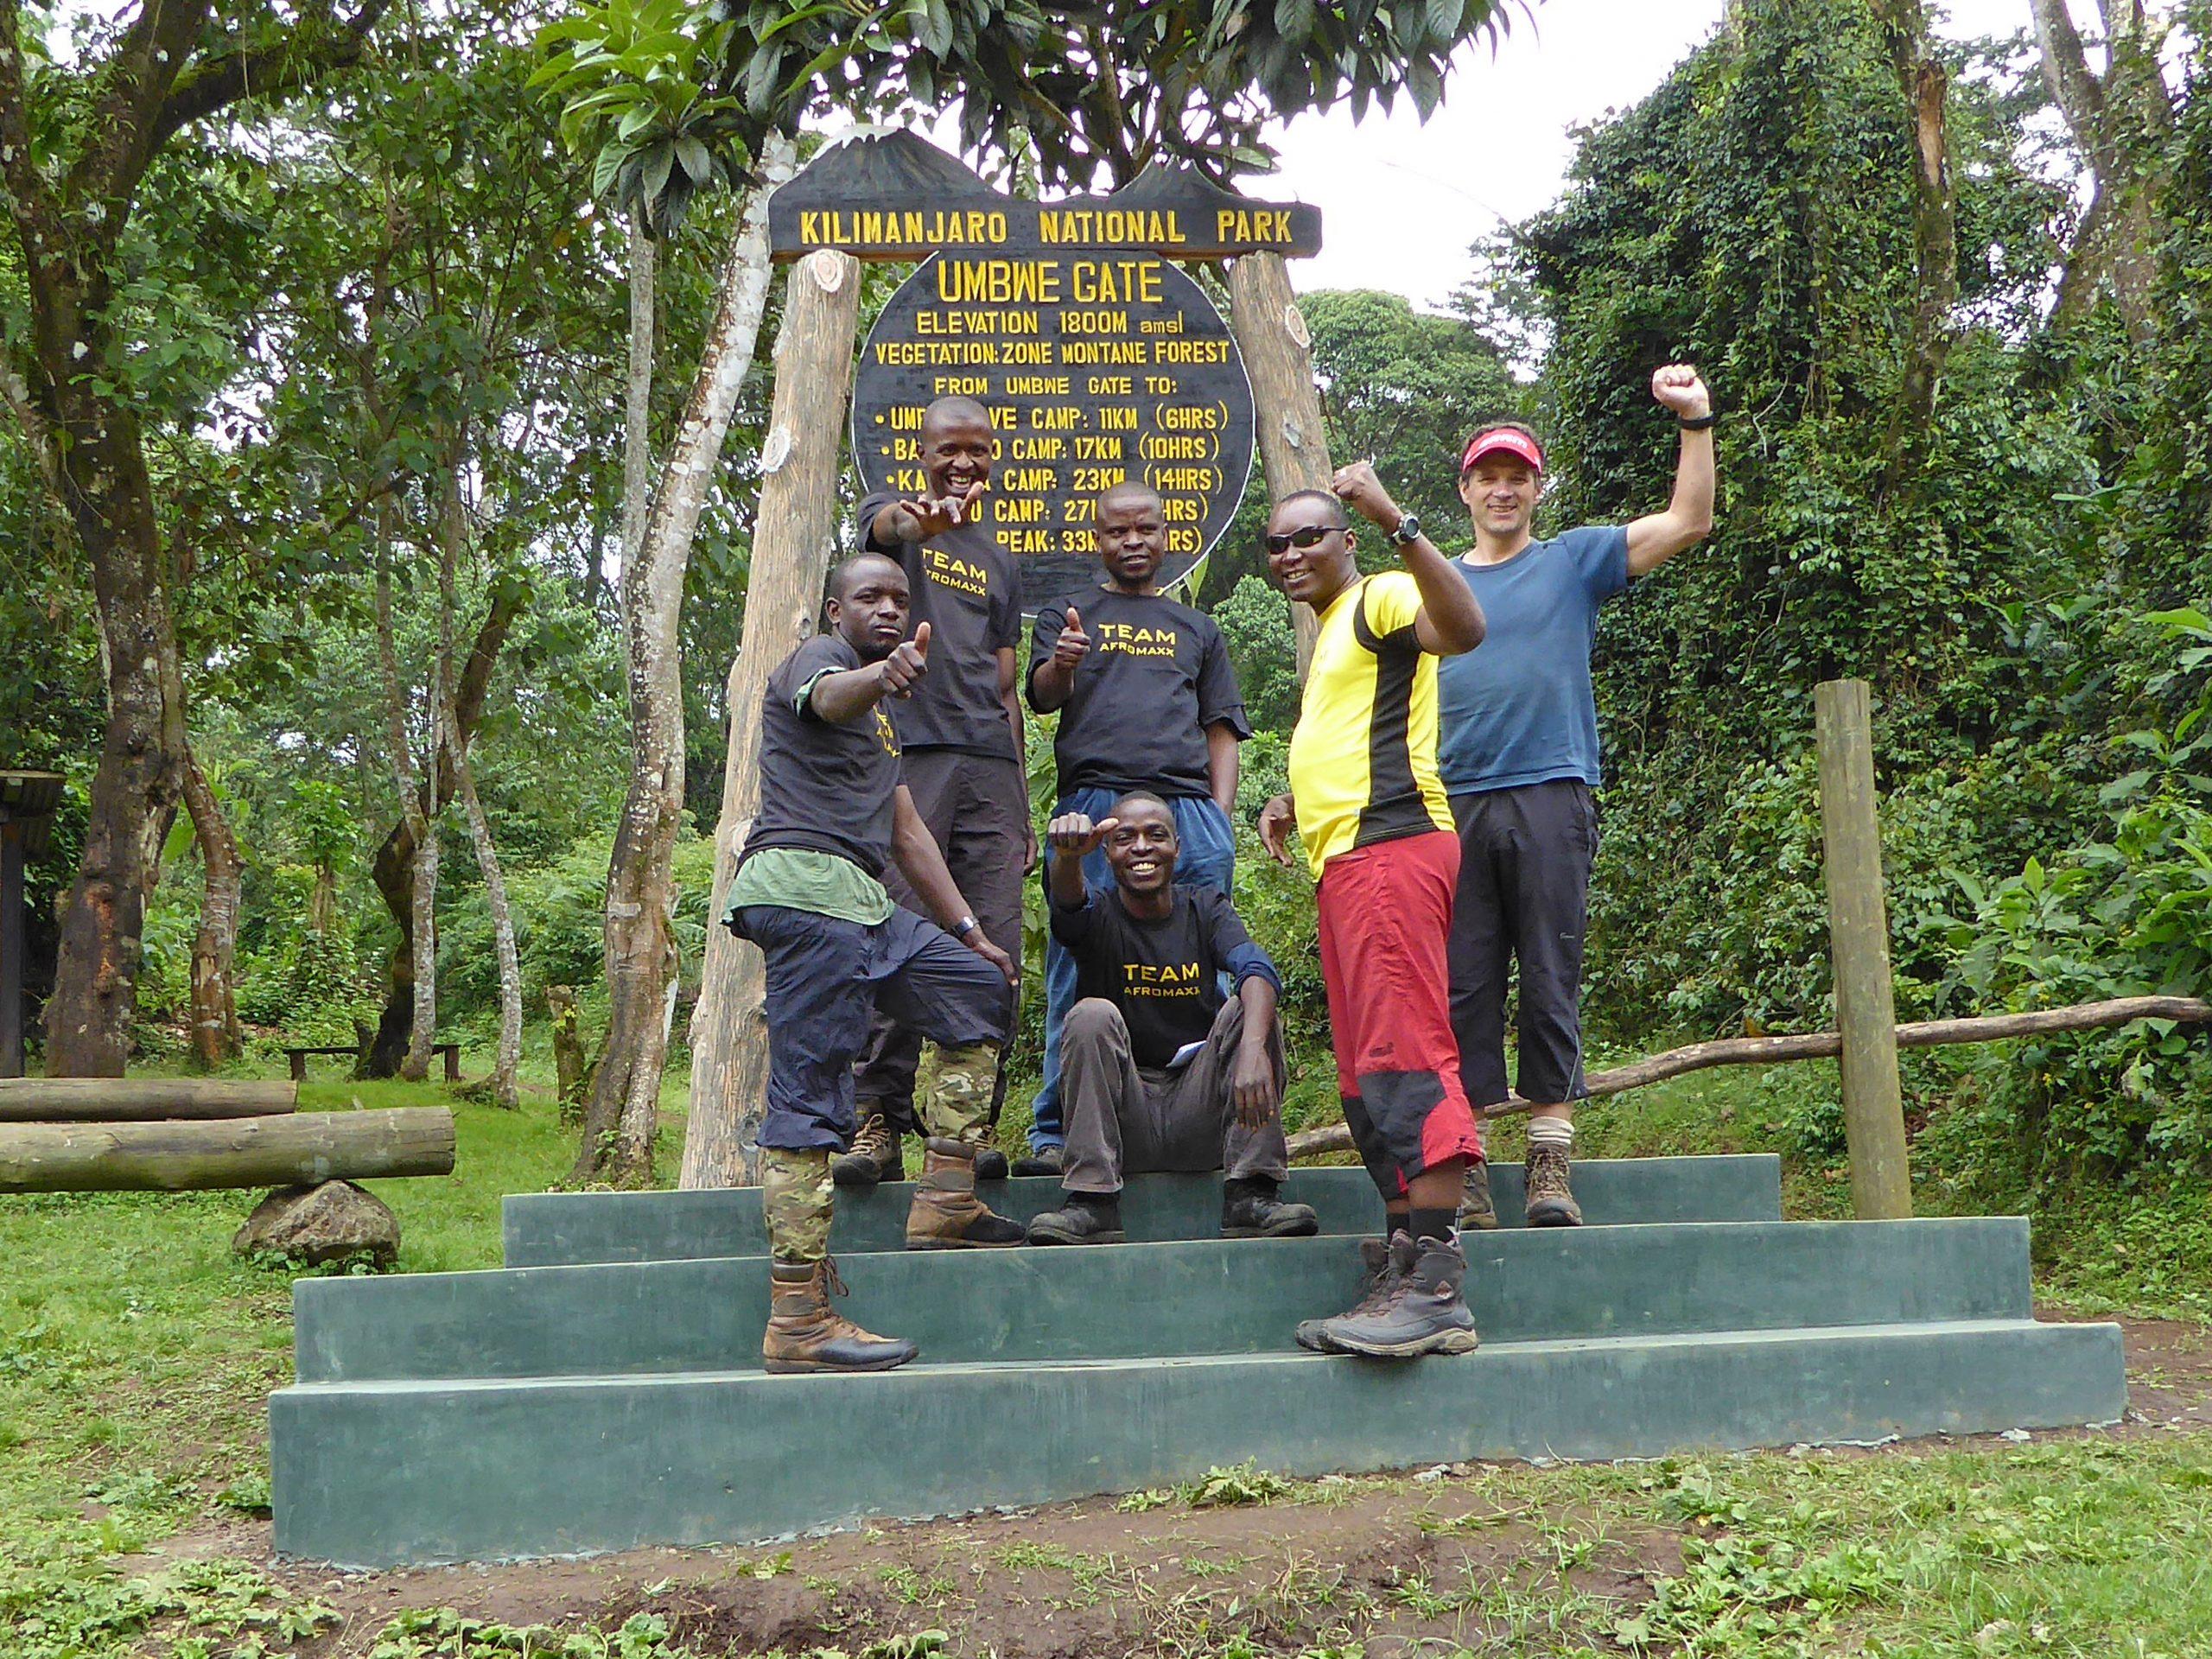 Radreise Afrika 2014 - Kilimanjaro - Team am Umbwe-Gate